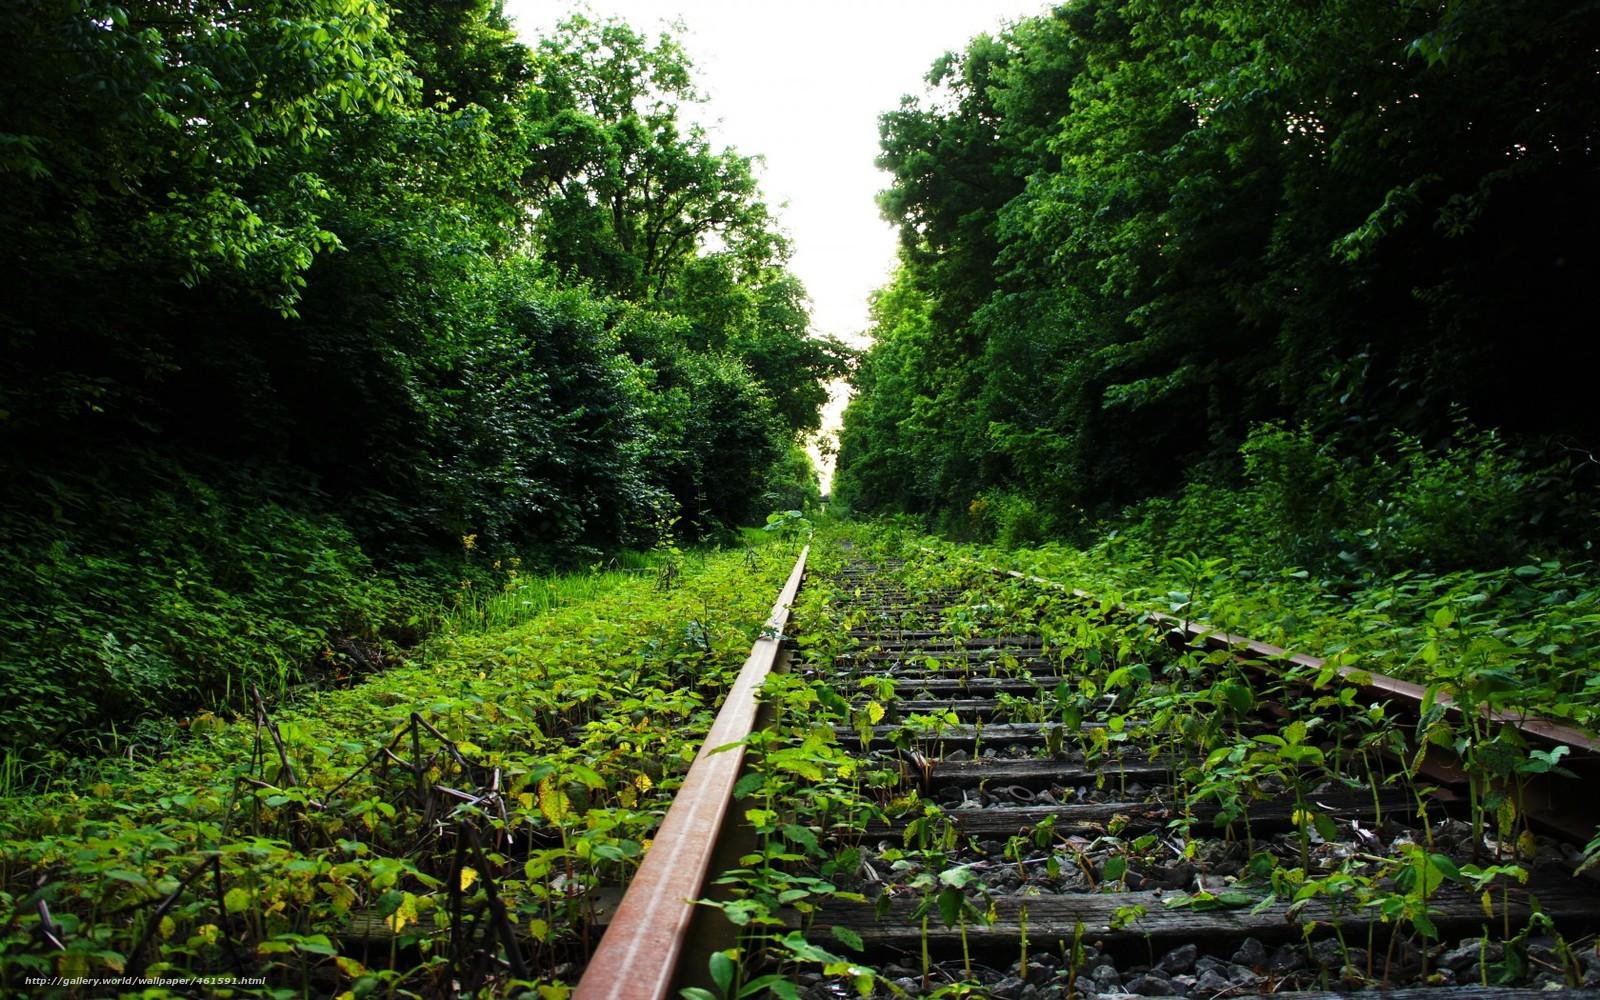 Скачать обои лето,  лес,  путь бесплатно для рабочего стола в разрешении 1680x1050 — картинка №461591